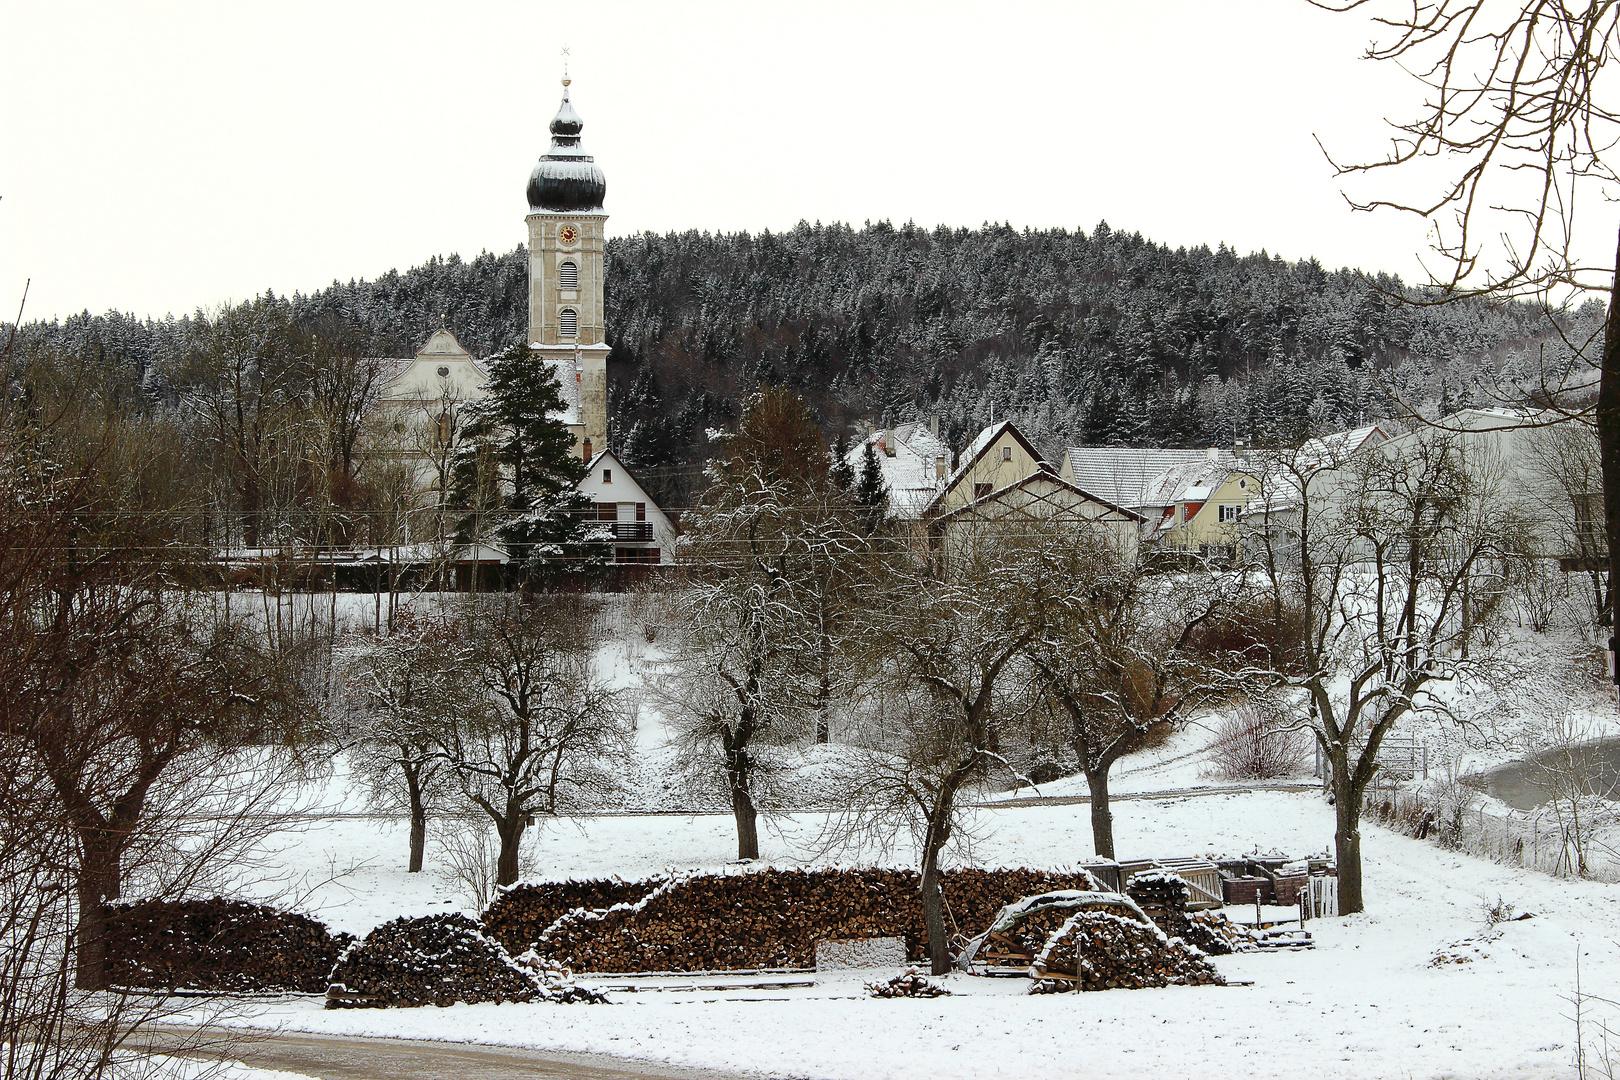 viel Holz, aber die Kirche bleibt kalt